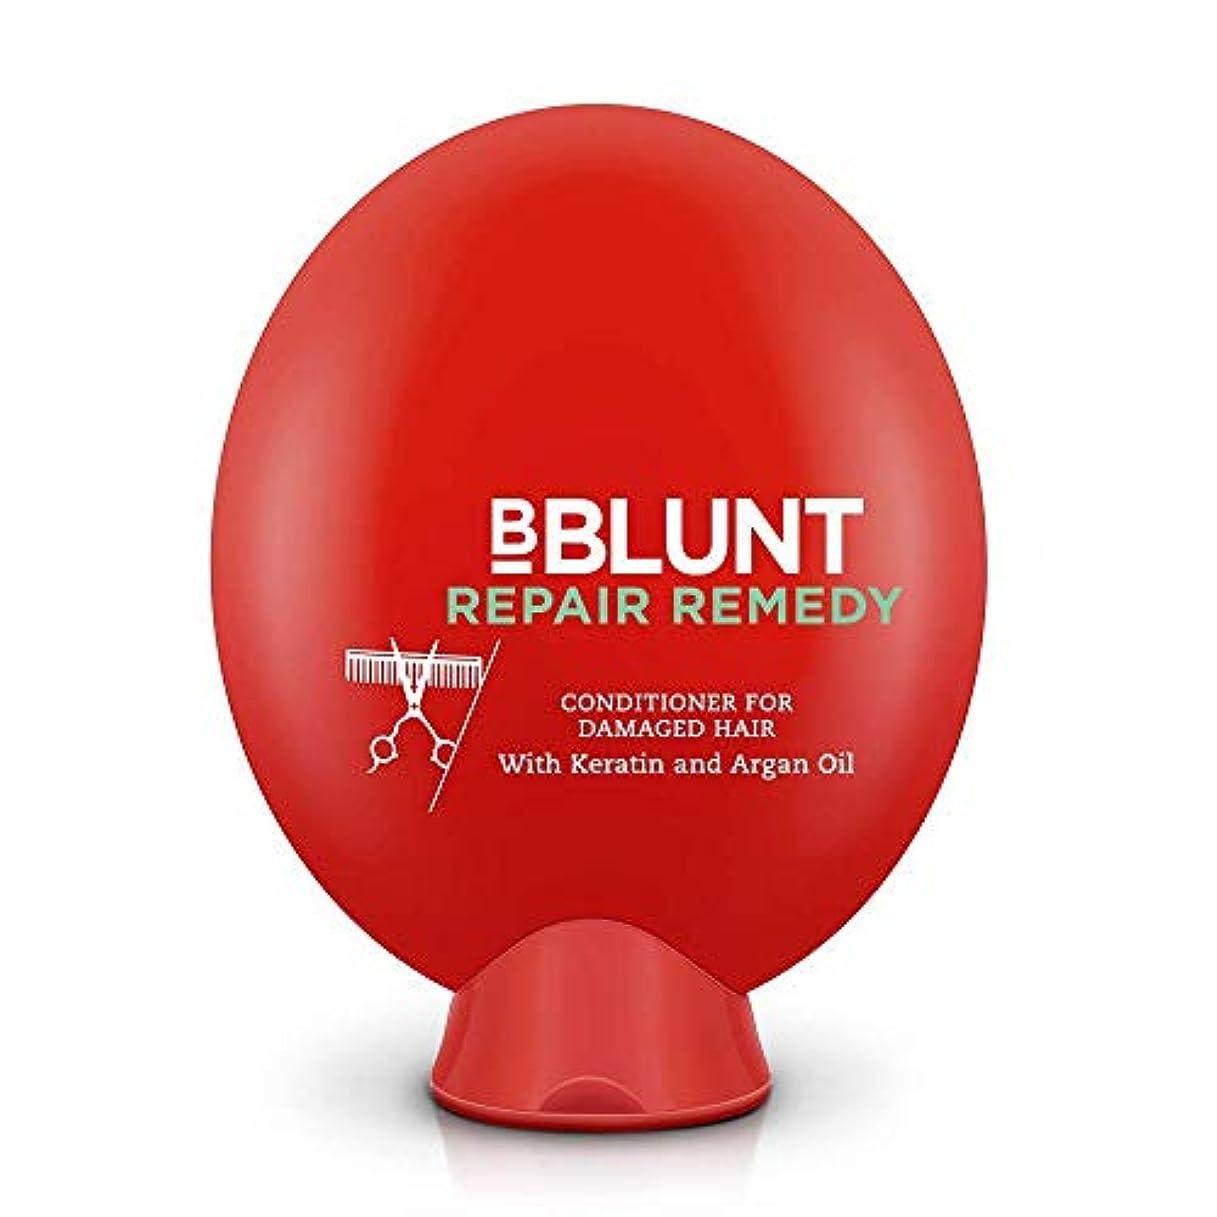 ステーキ前書き悪性腫瘍BBLUNT Repair Remedy Conditioner for Damaged Hair, 200g (Keratin and Argan Oil)